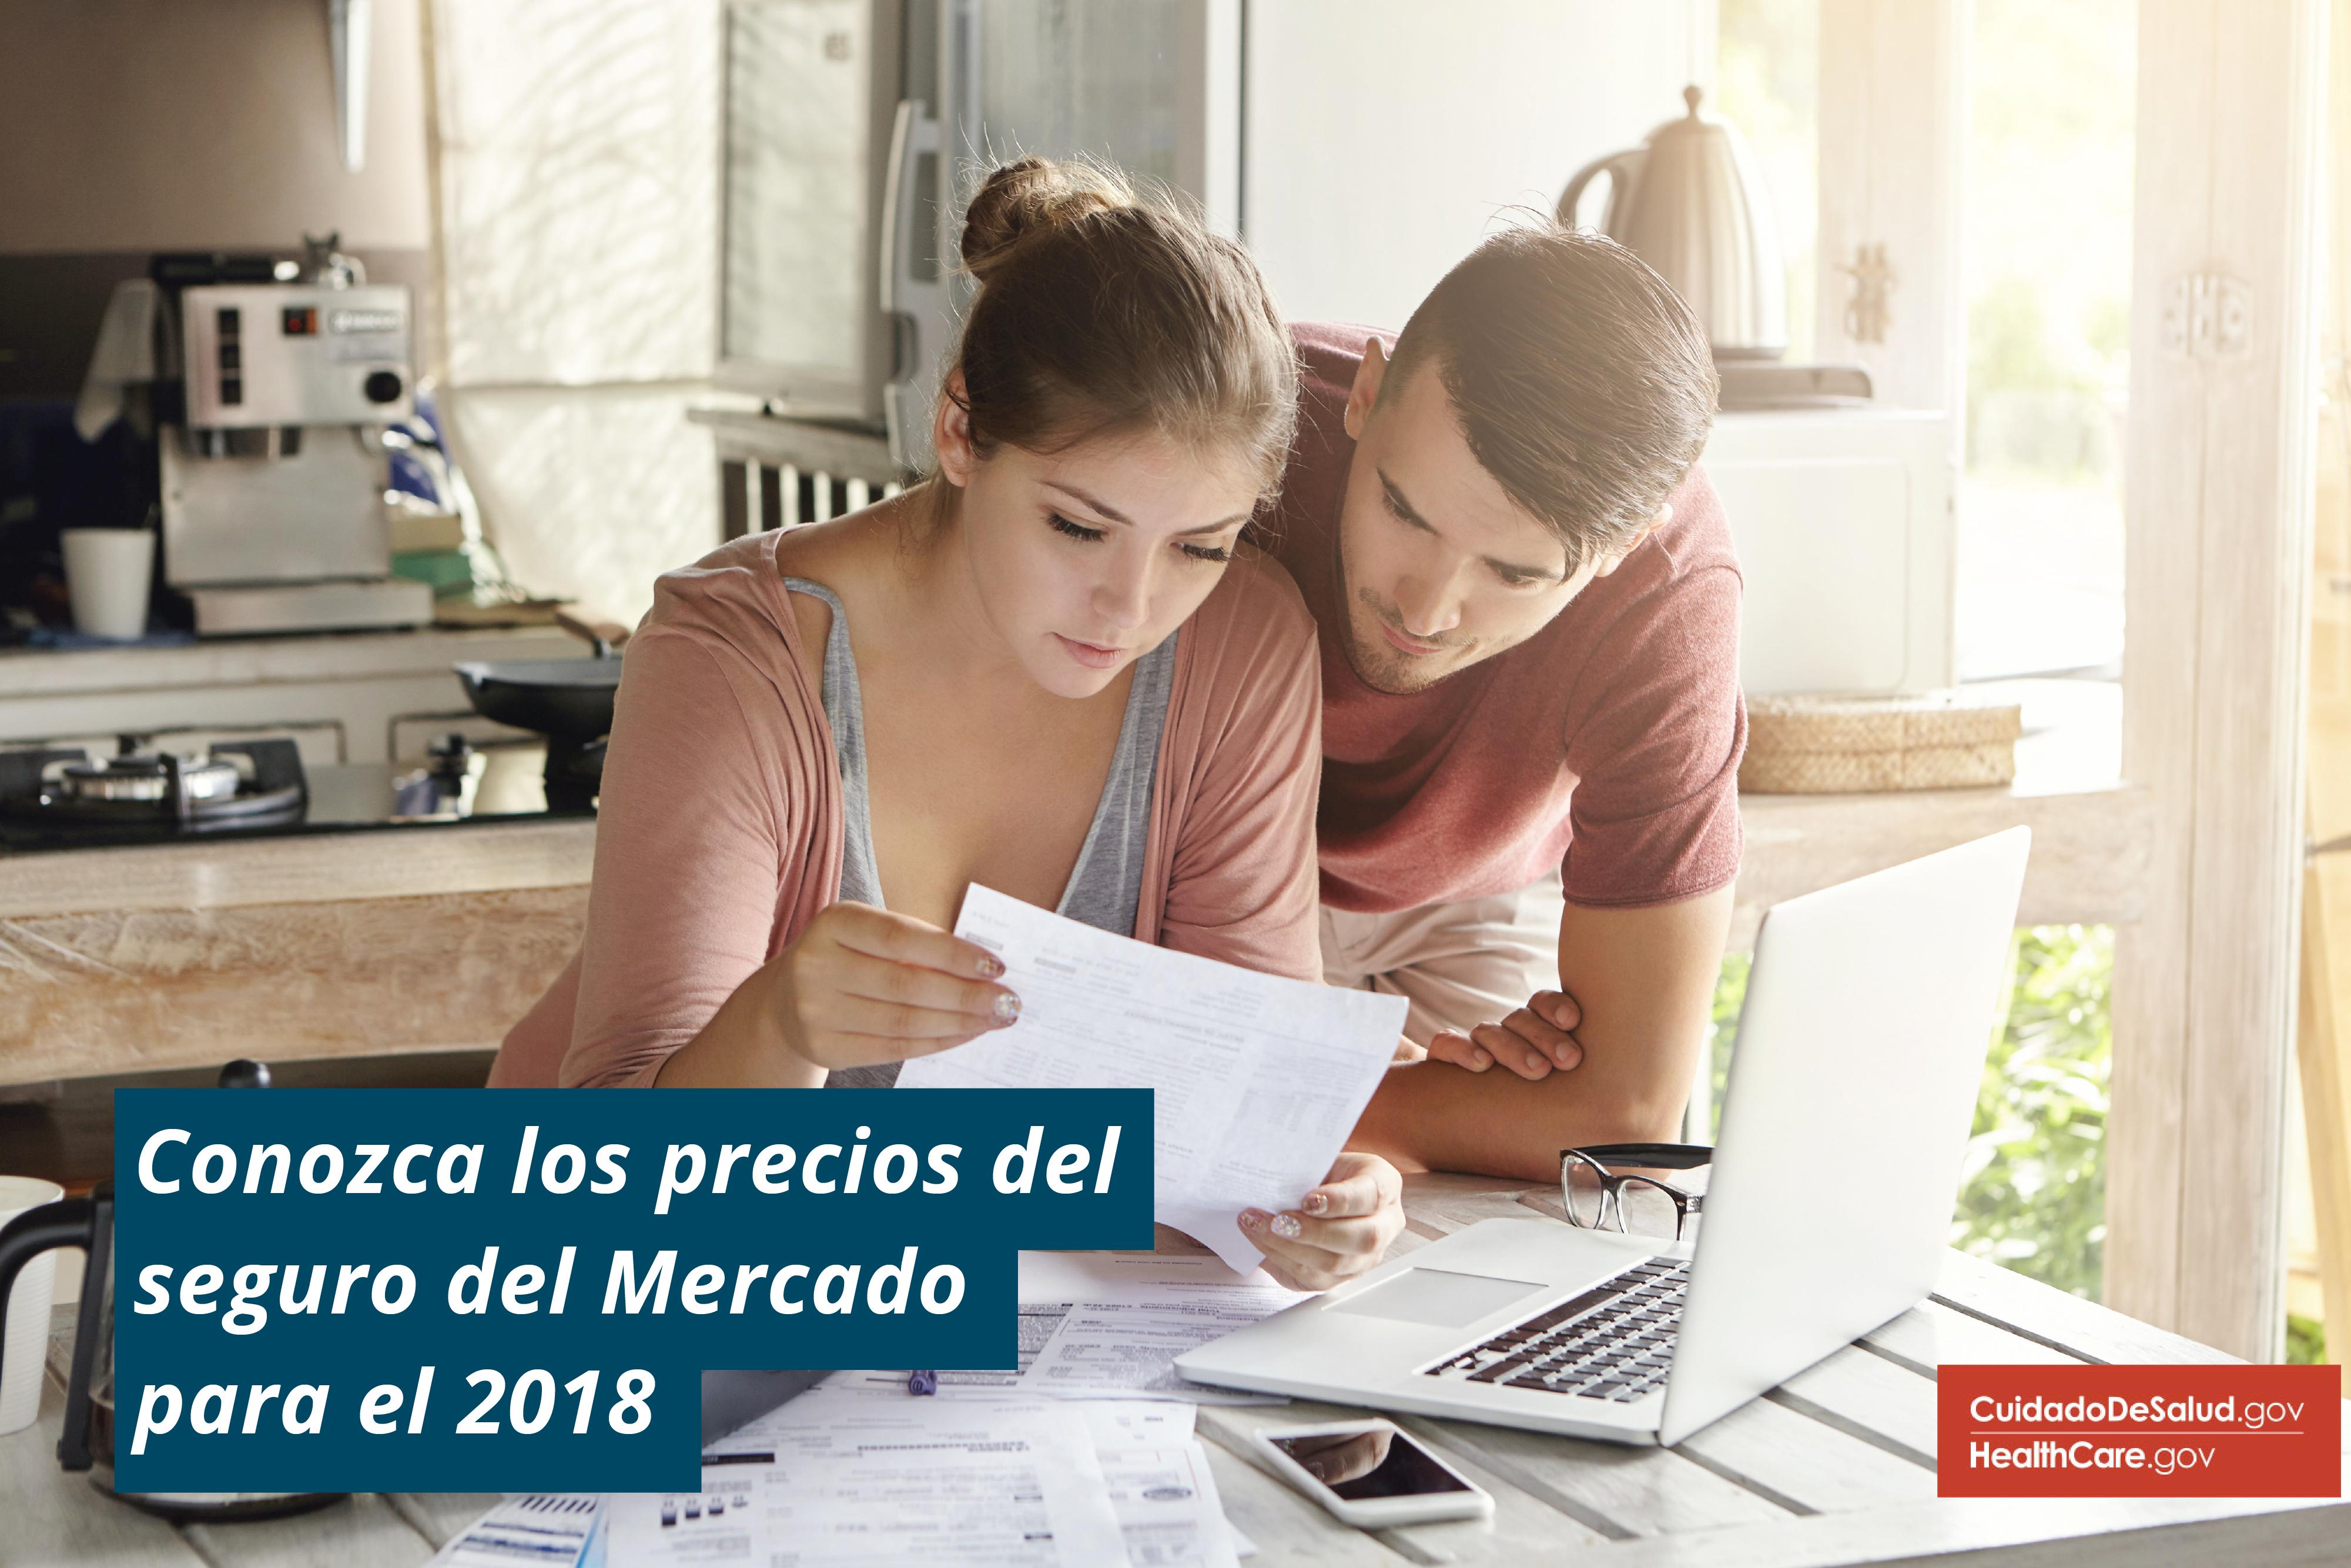 Sus Precios Del Seguro Del Mercado Para El 2018 Healthcare Gov